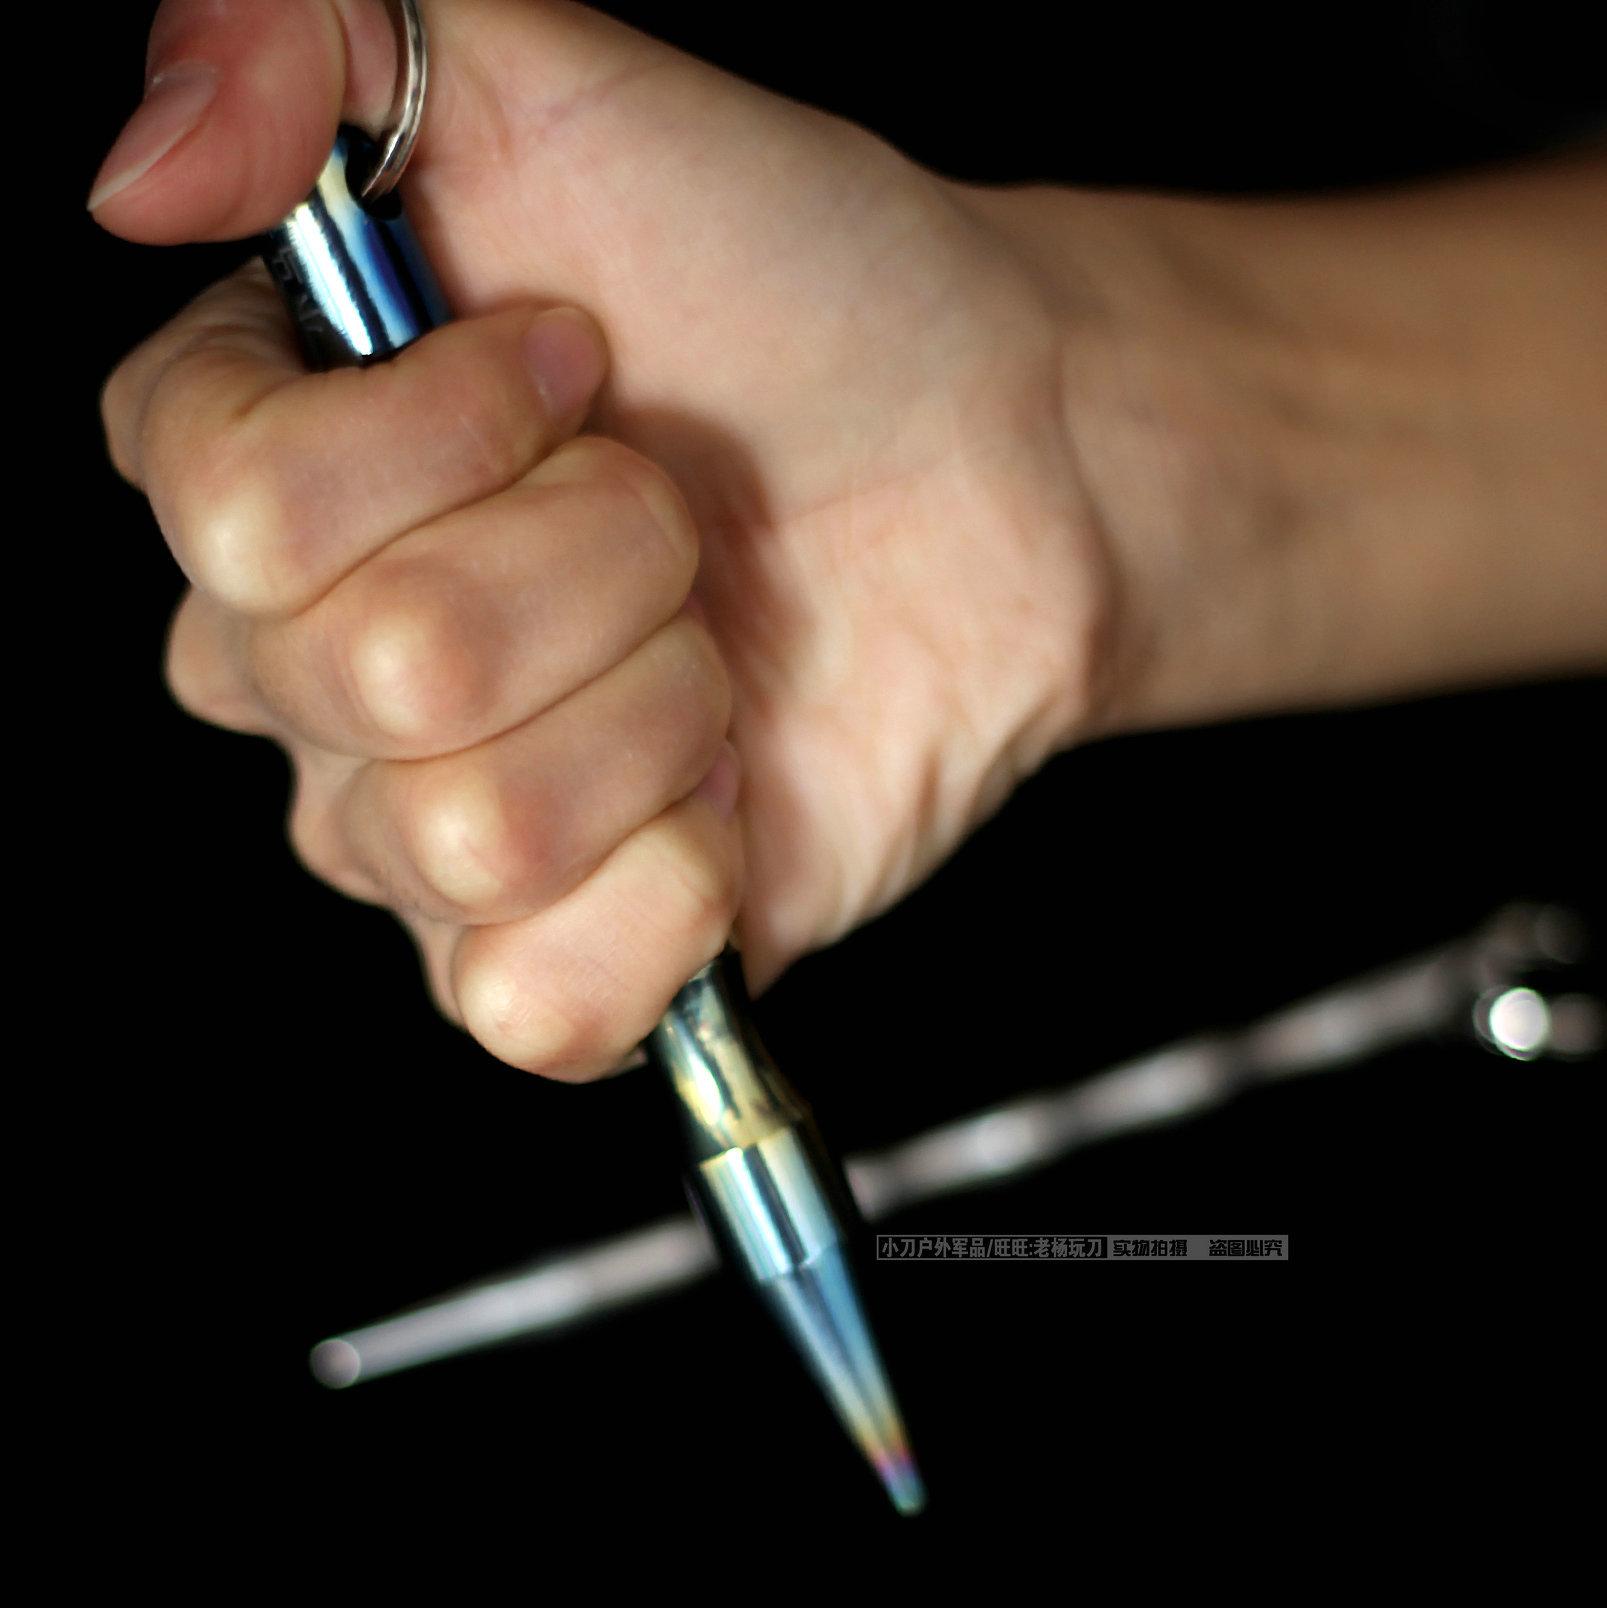 防身武器 防身用品 女防身器 户外防护工具 小马哥钛合金防身酷棍